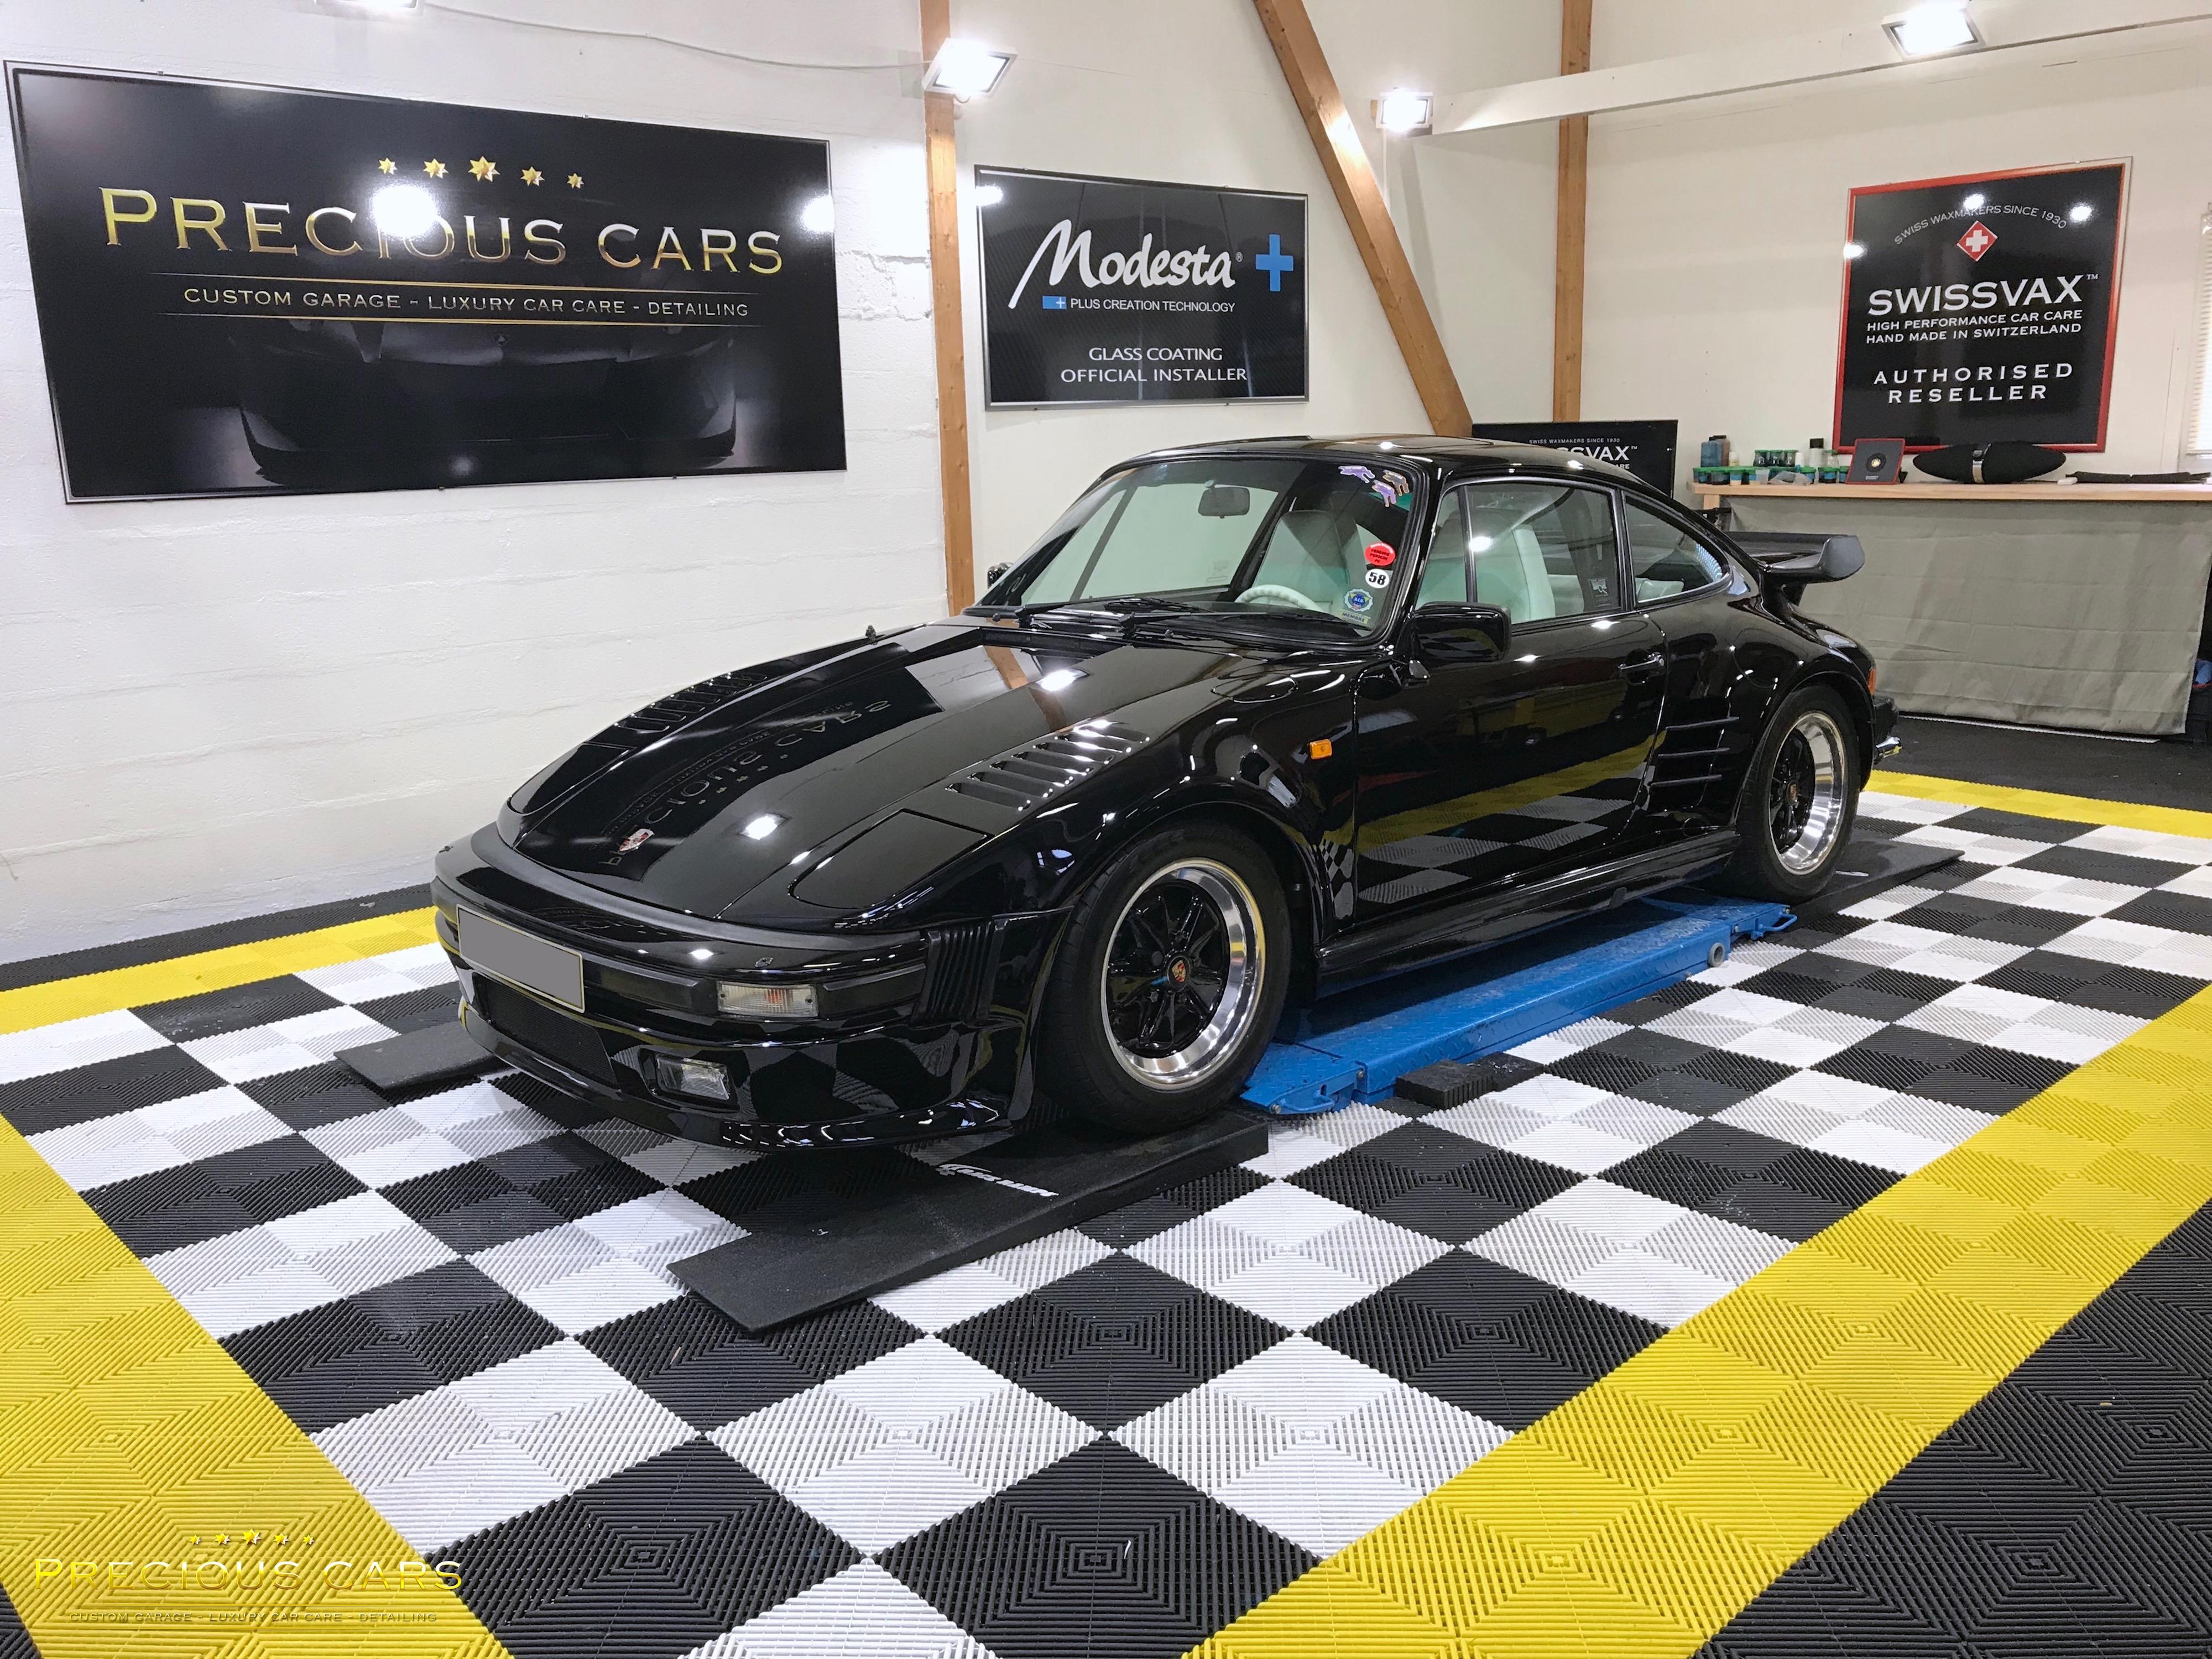 Precious Cars - Swissvax Modesta Colourl